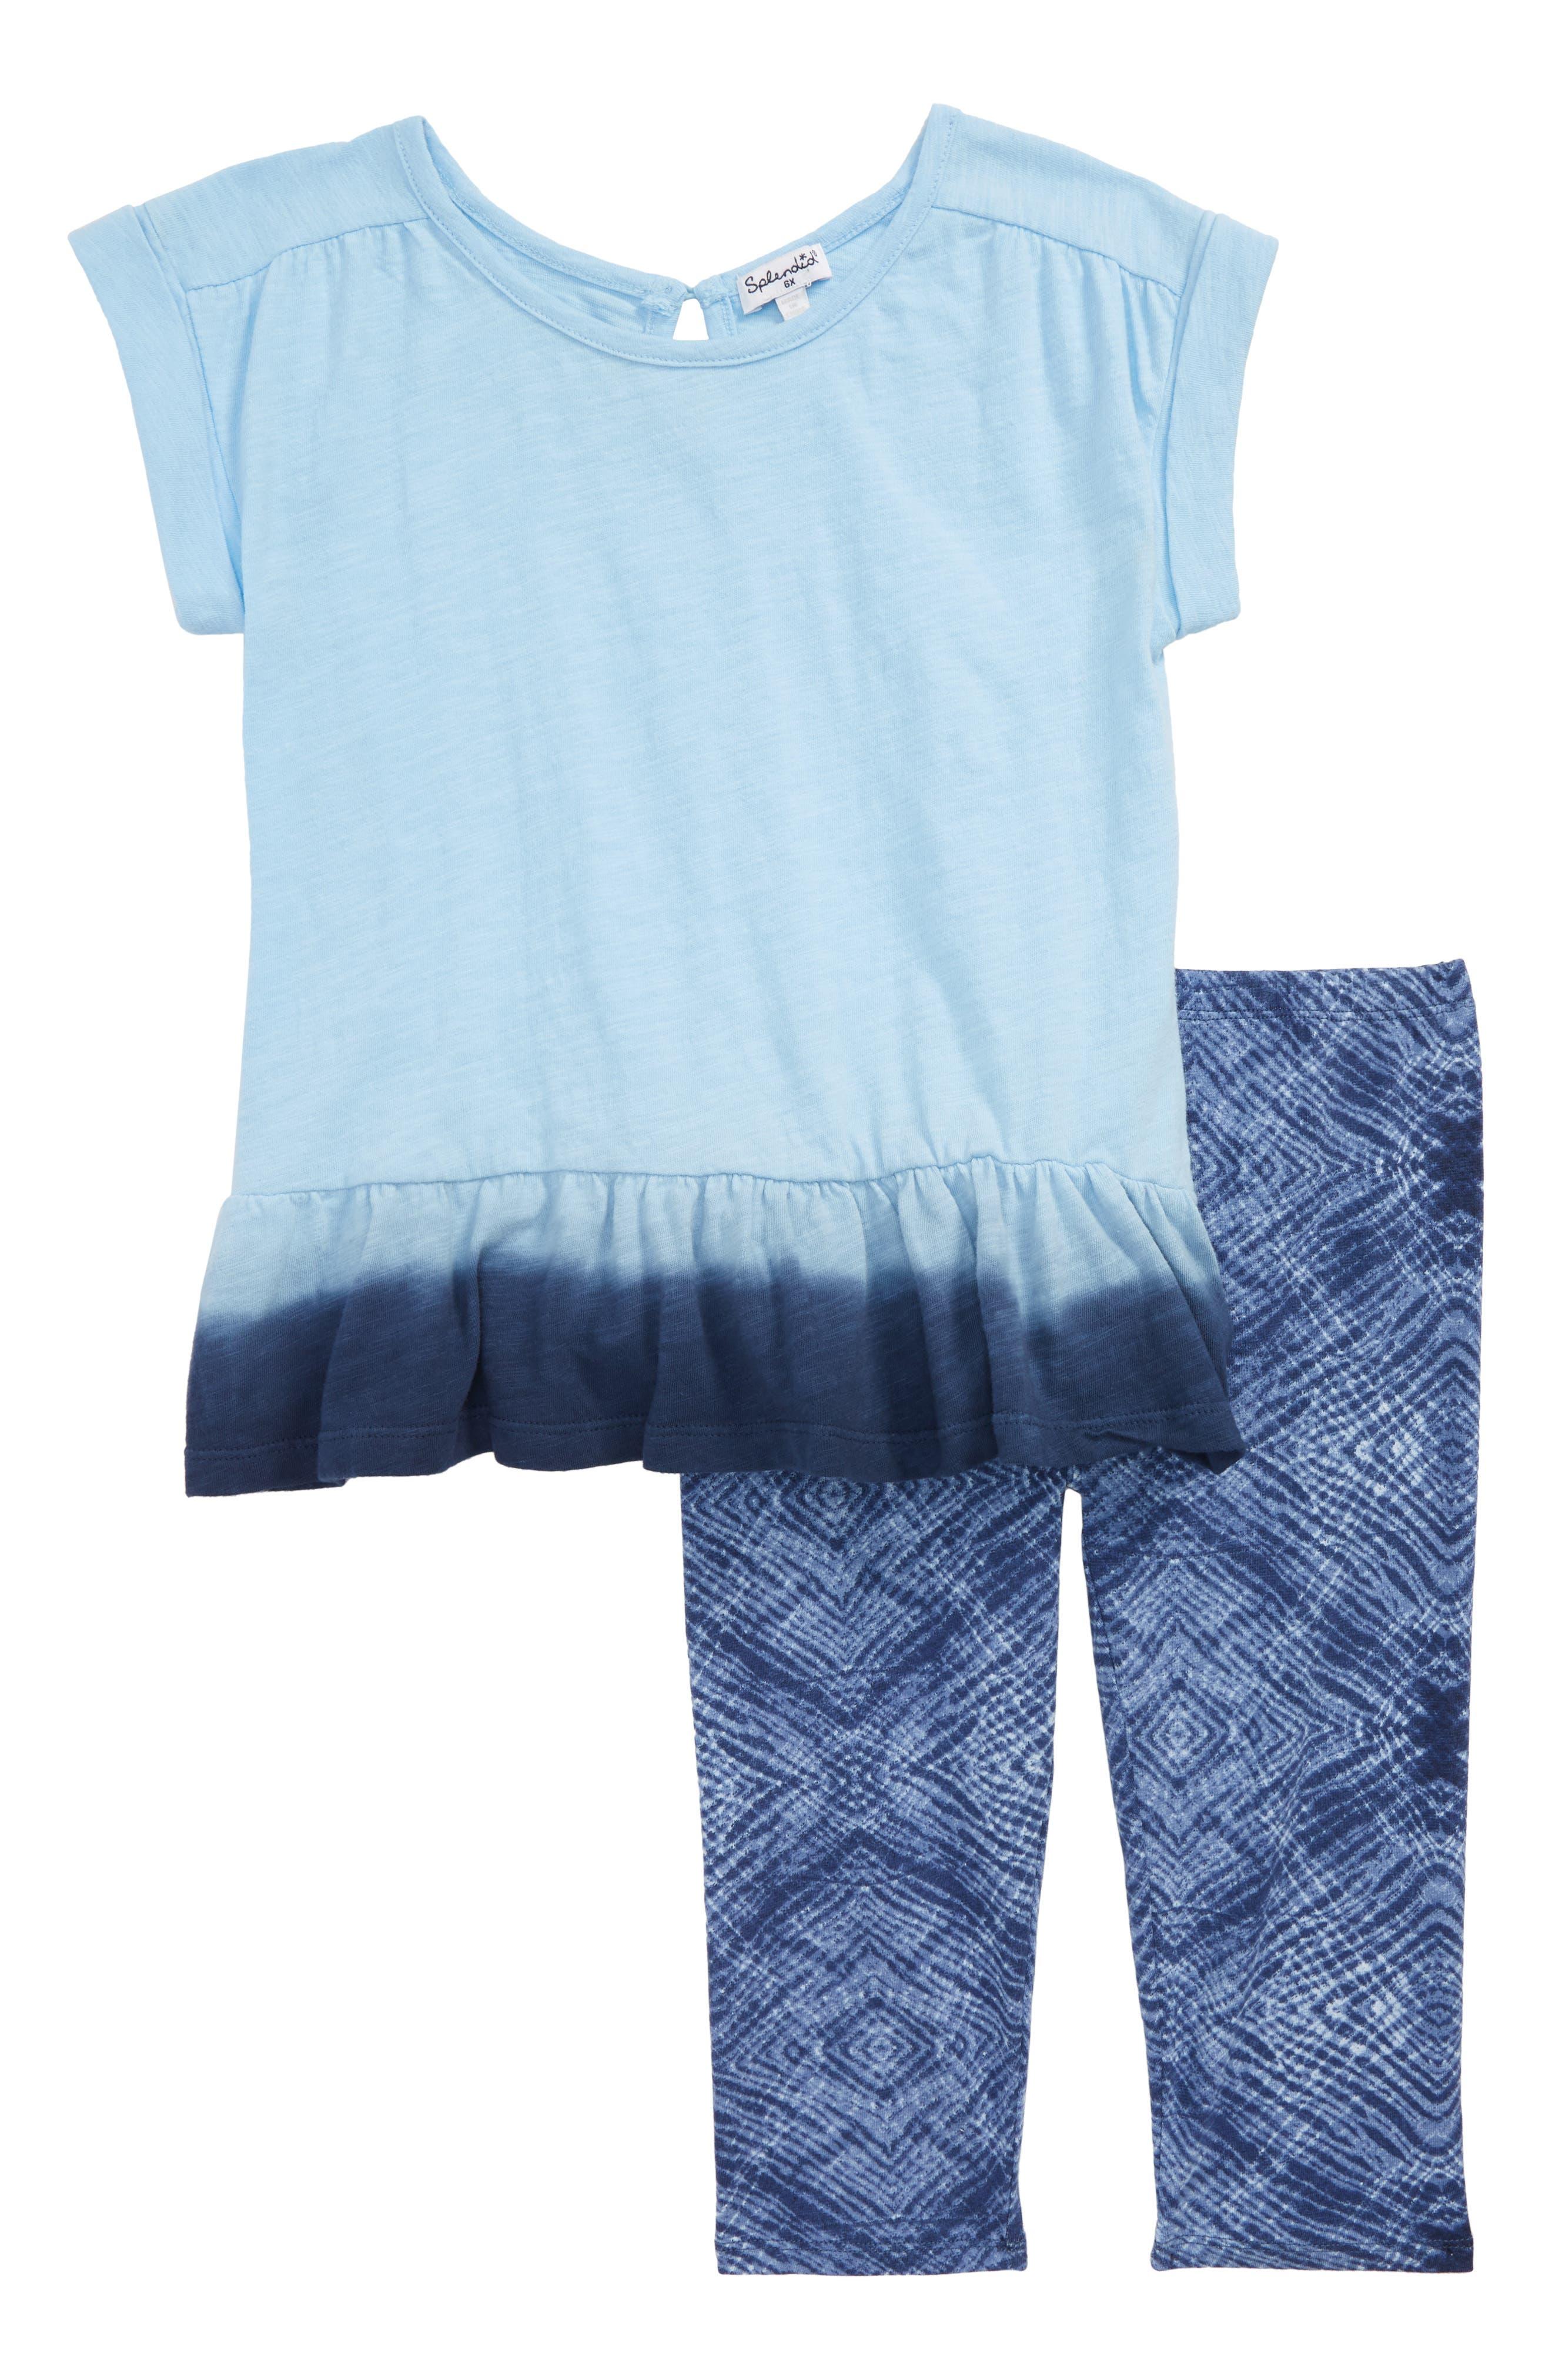 Dip Dye Top & Leggings Set,                         Main,                         color,